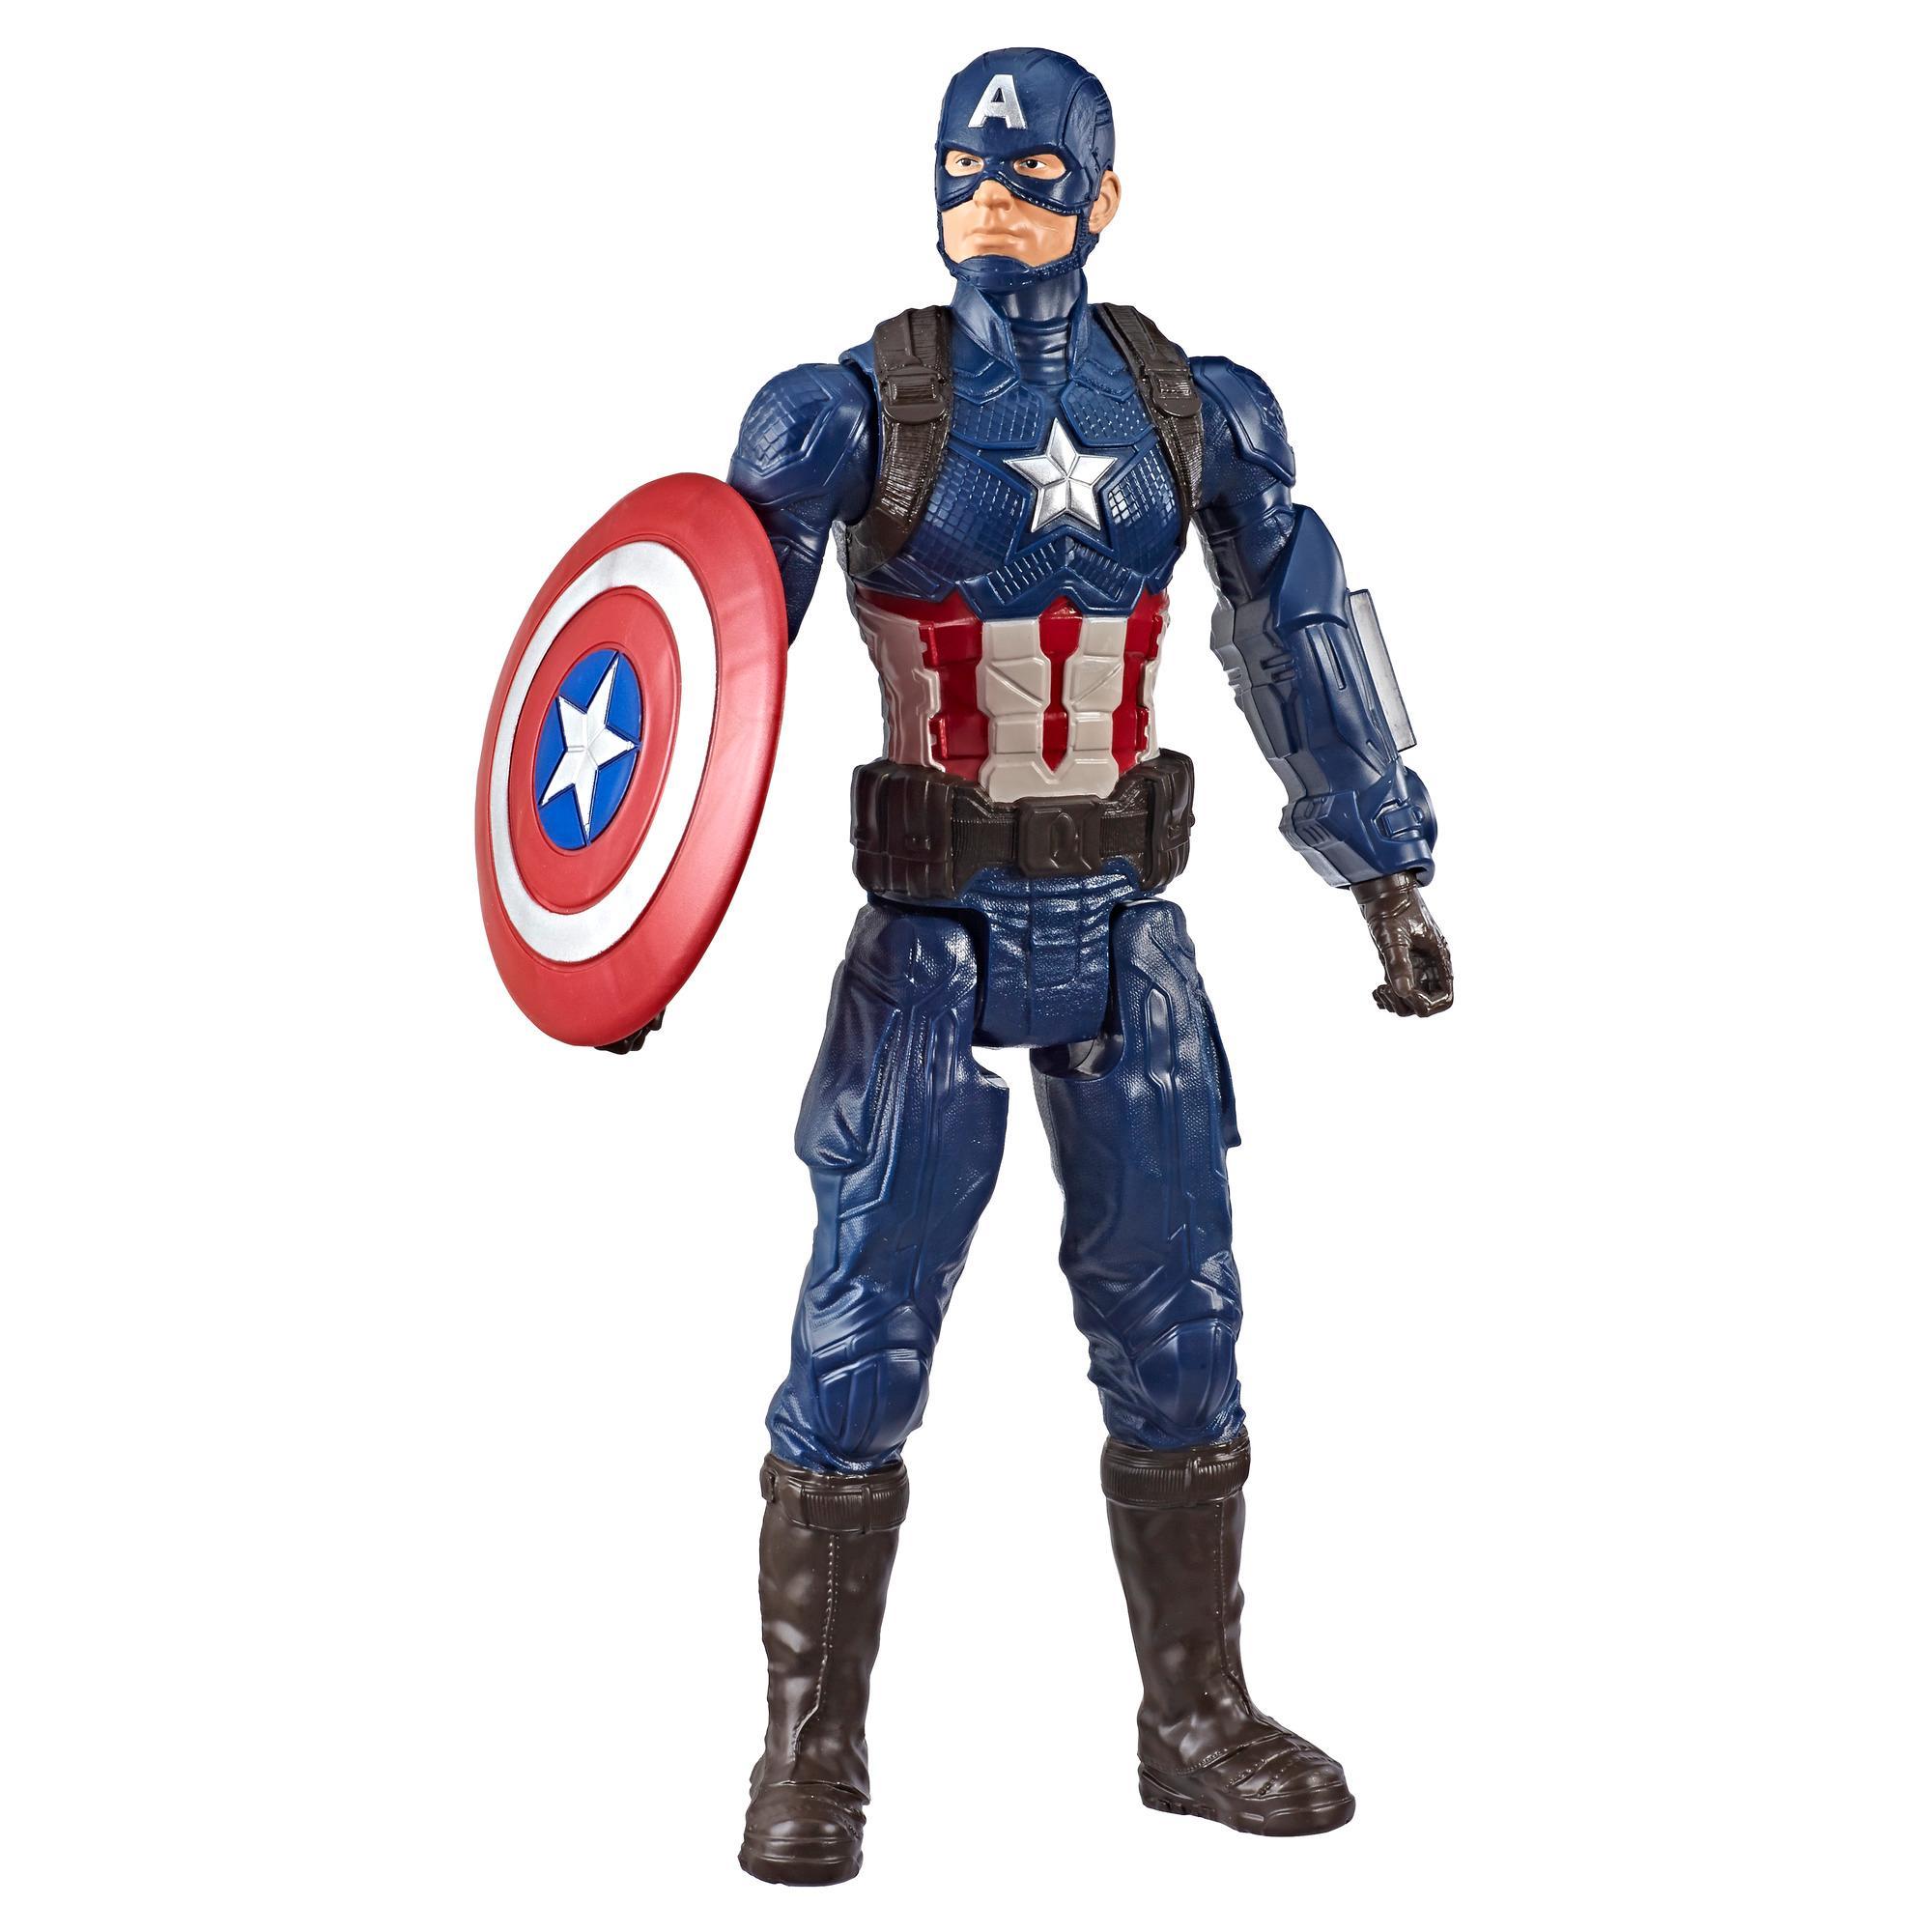 Avengers Endgame Titan Hero Captain America